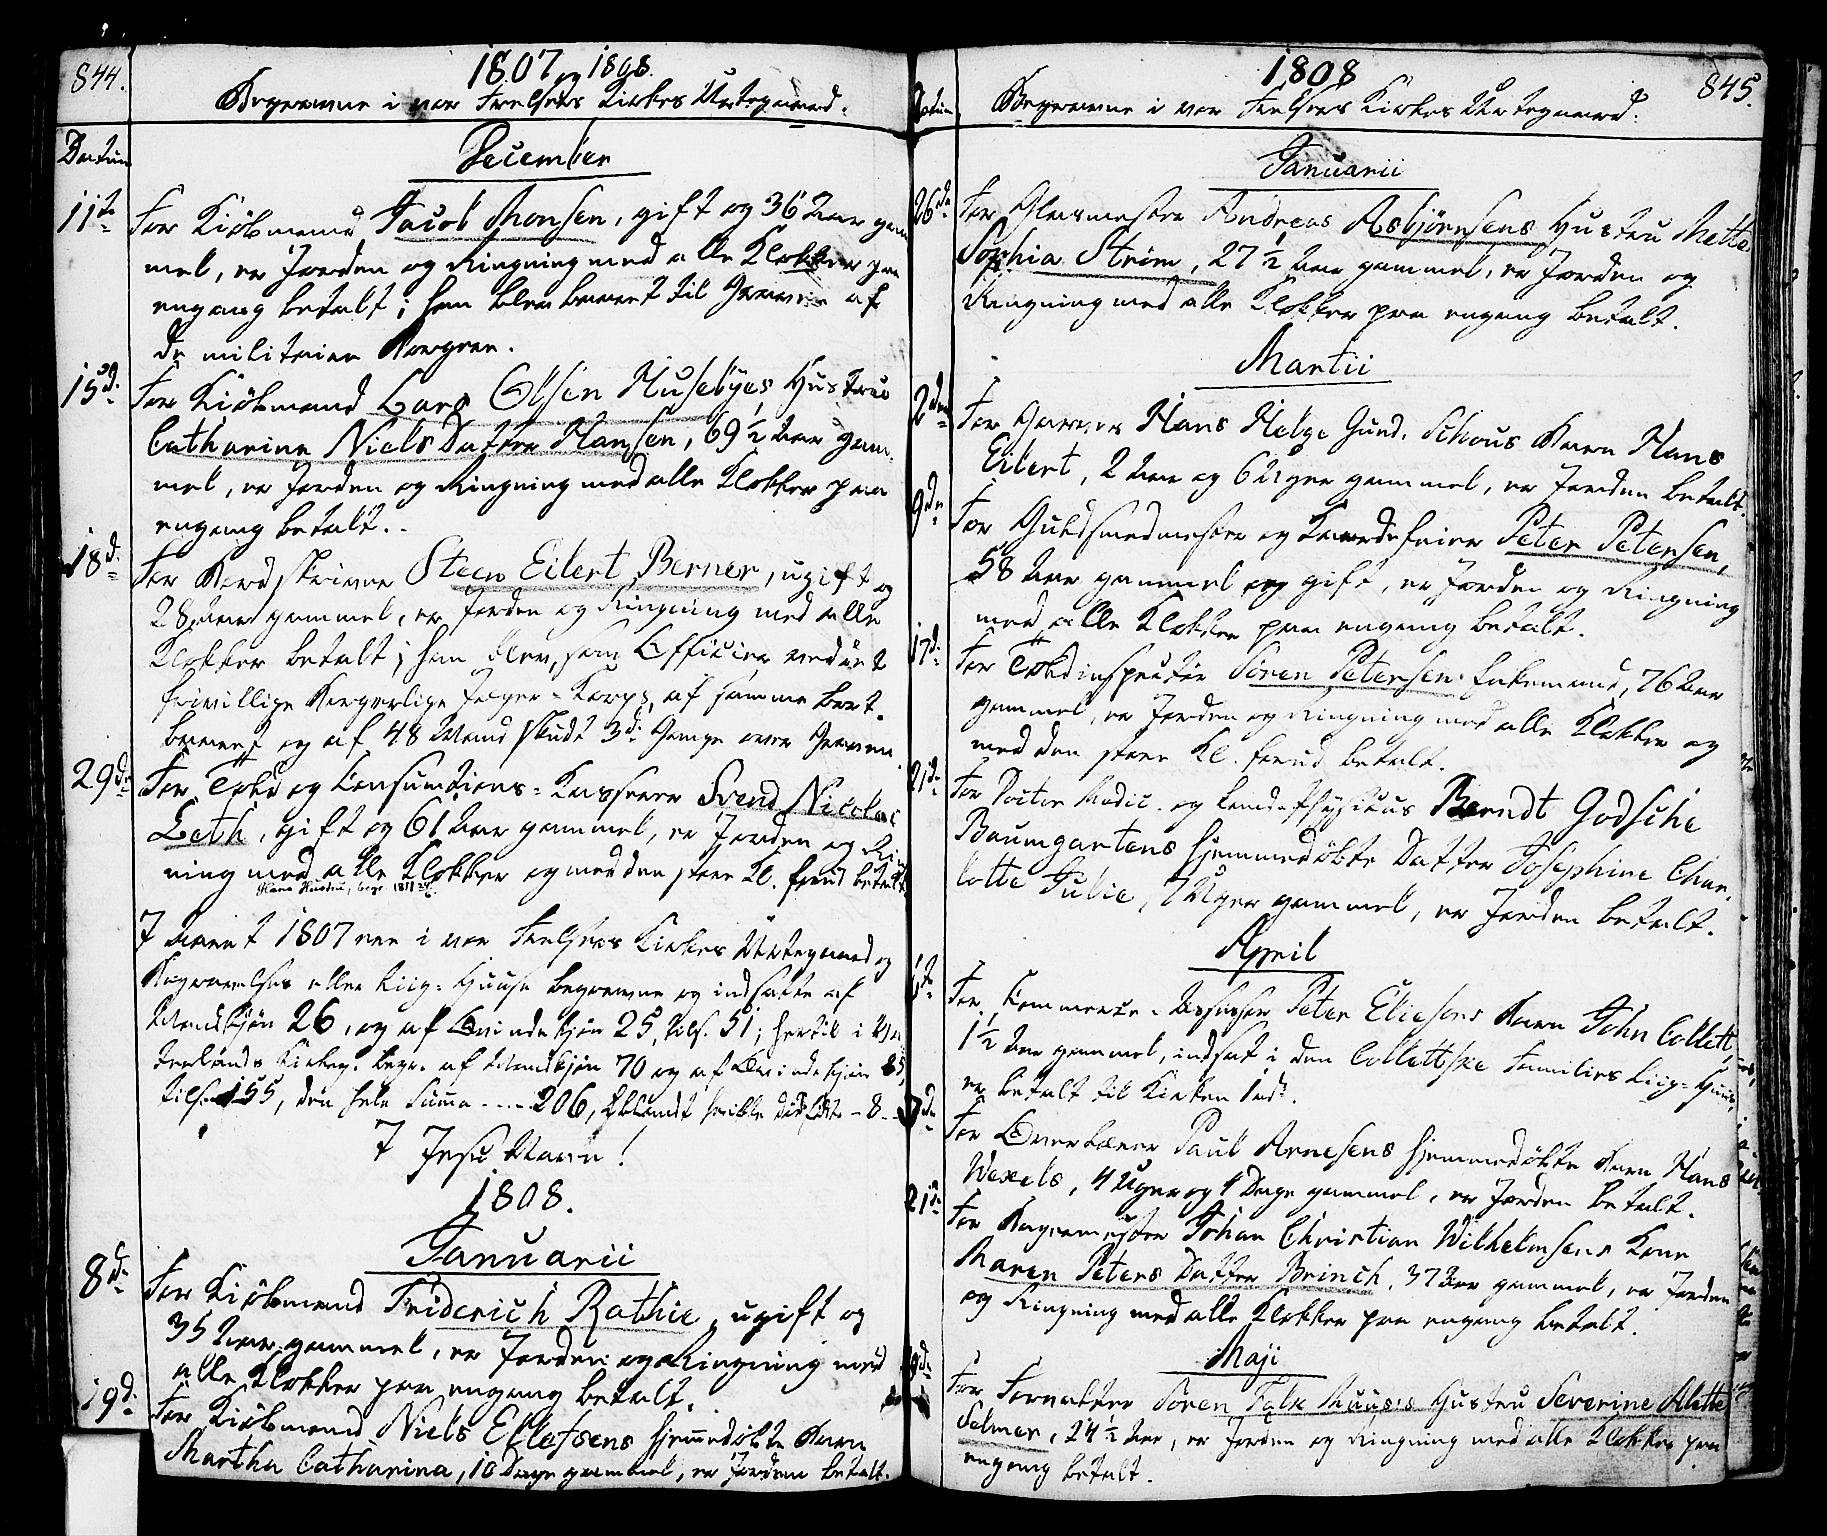 SAO, Oslo domkirke Kirkebøker, F/Fa/L0006: Ministerialbok nr. 6, 1807-1817, s. 844-845